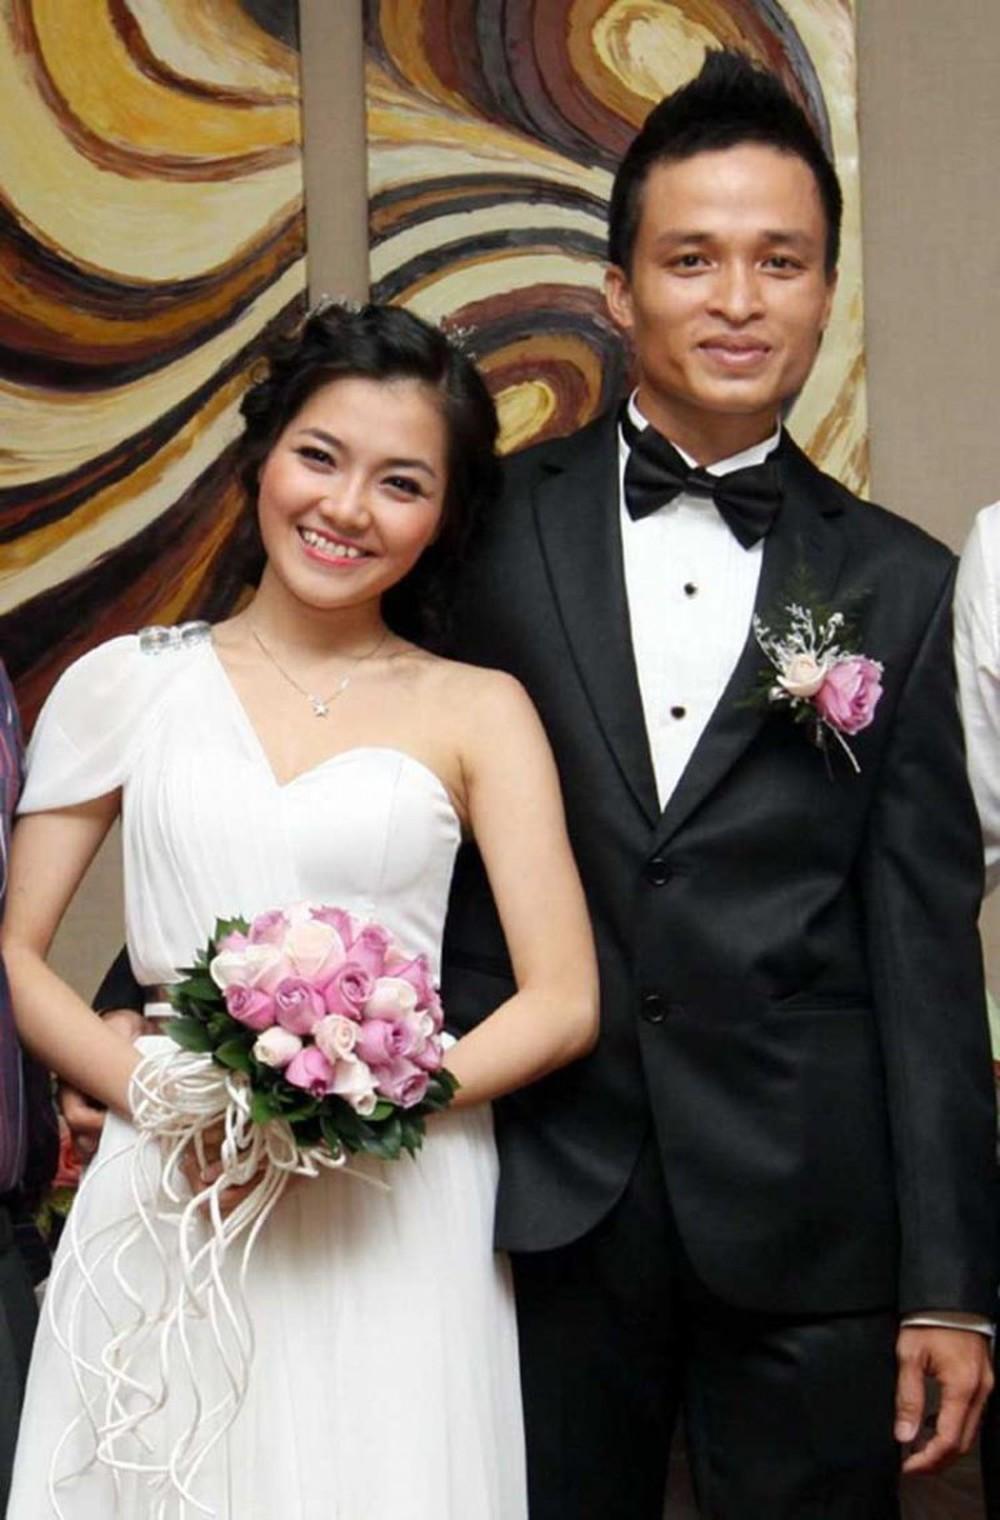 Sau 8 năm kết hôn, Thanh Ngọc nhóm 'Mắt Ngọc' vui mừng thông báo sinh con đầu lòng - Ảnh 2